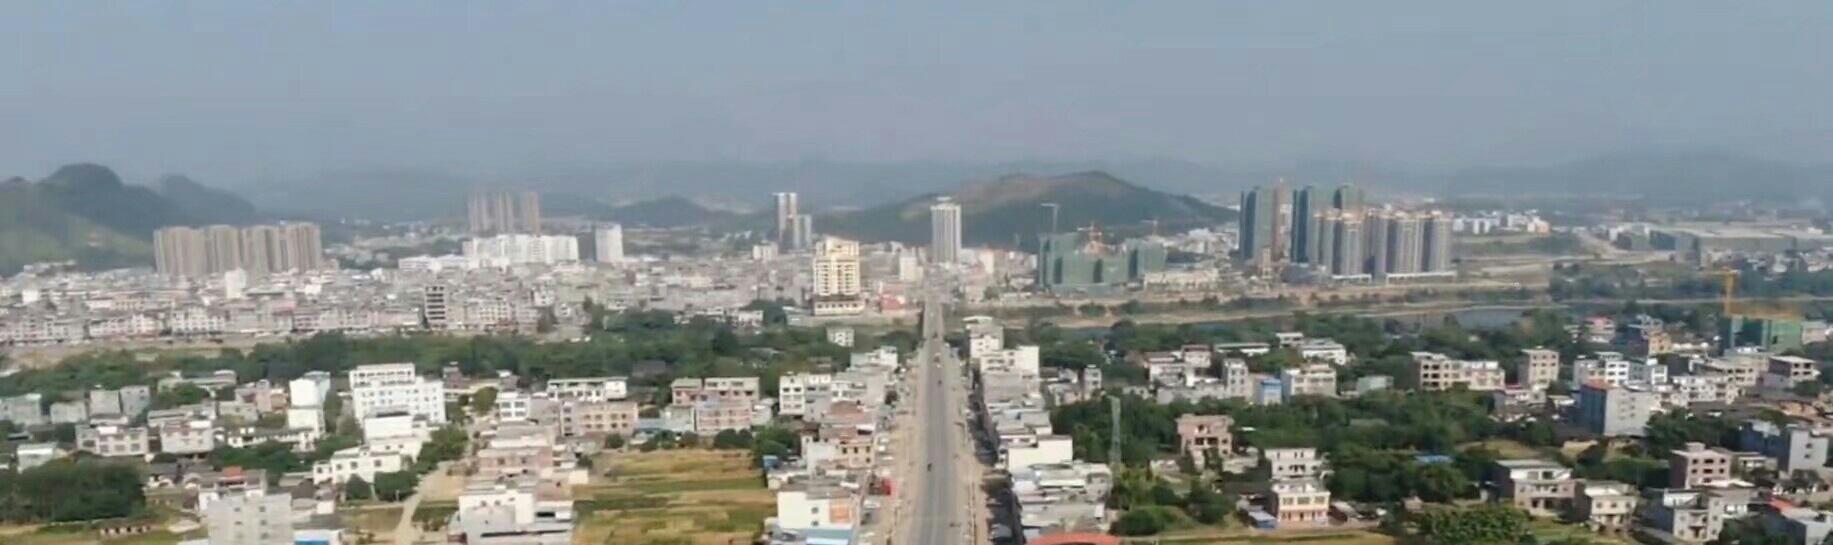 贺州贺街镇未来规划图